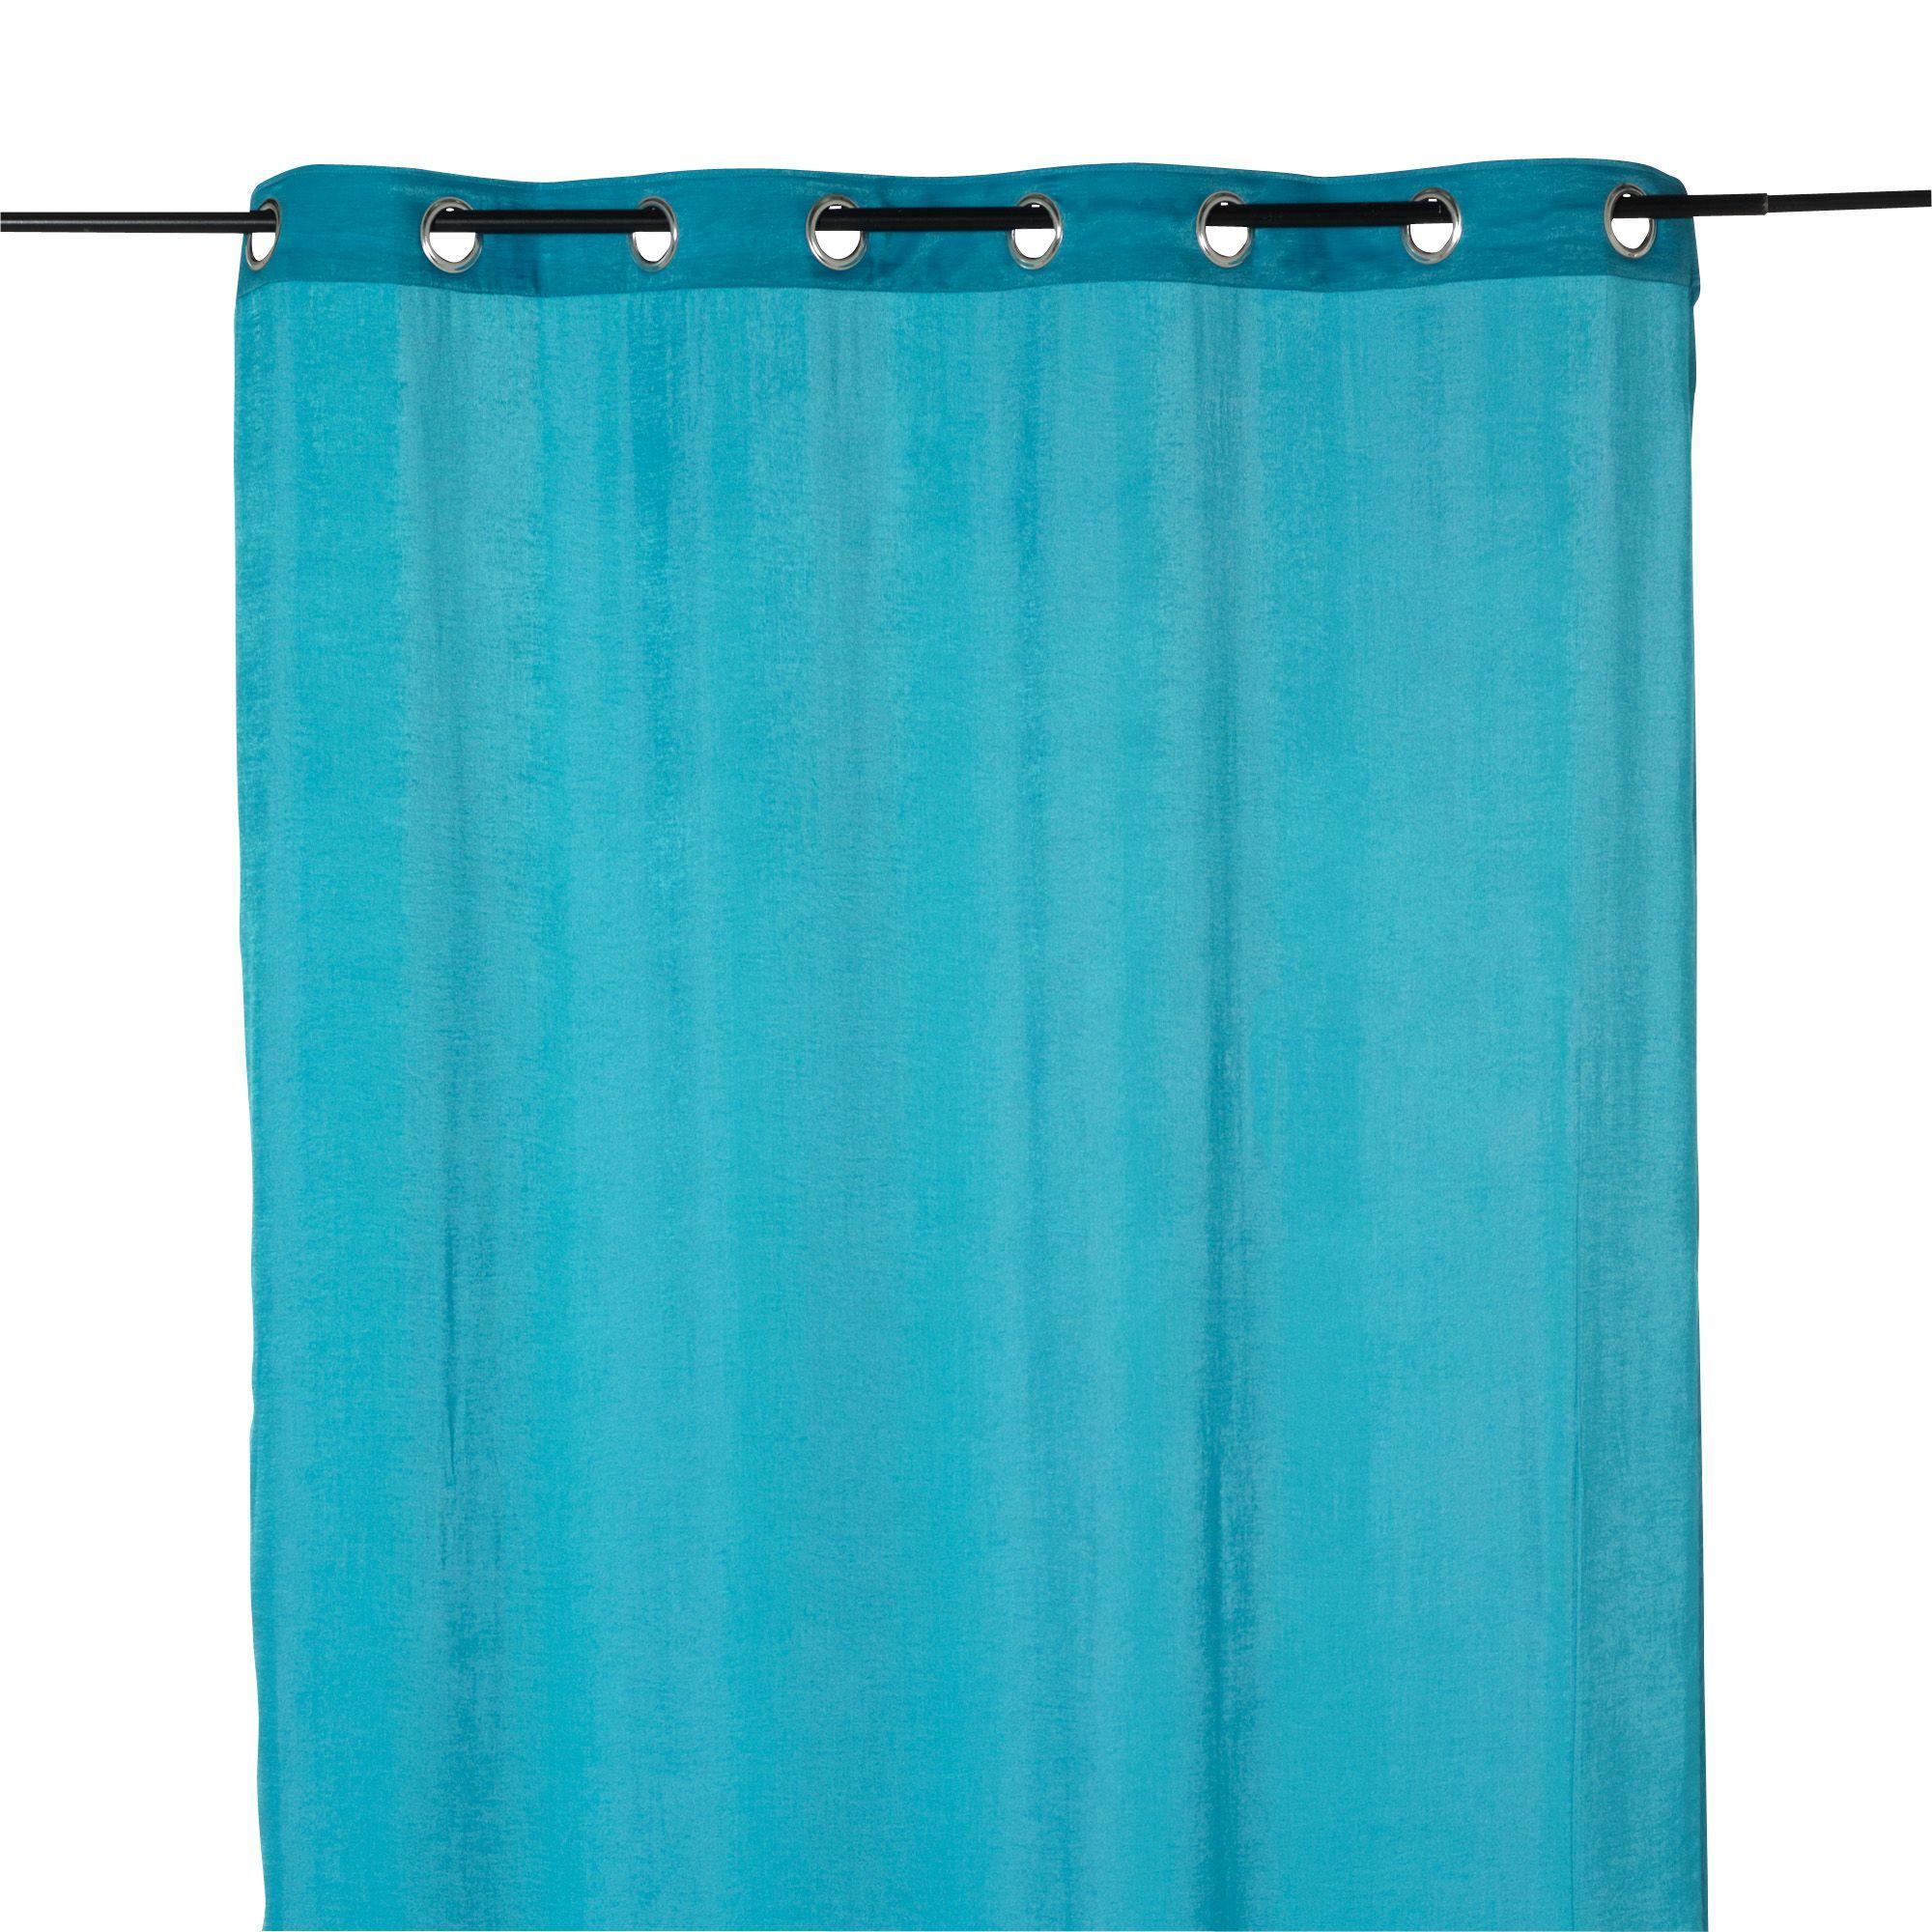 latest rideau illets bleu effet soie xcm bleu elora les rideaux textiles et with store venitien. Black Bedroom Furniture Sets. Home Design Ideas